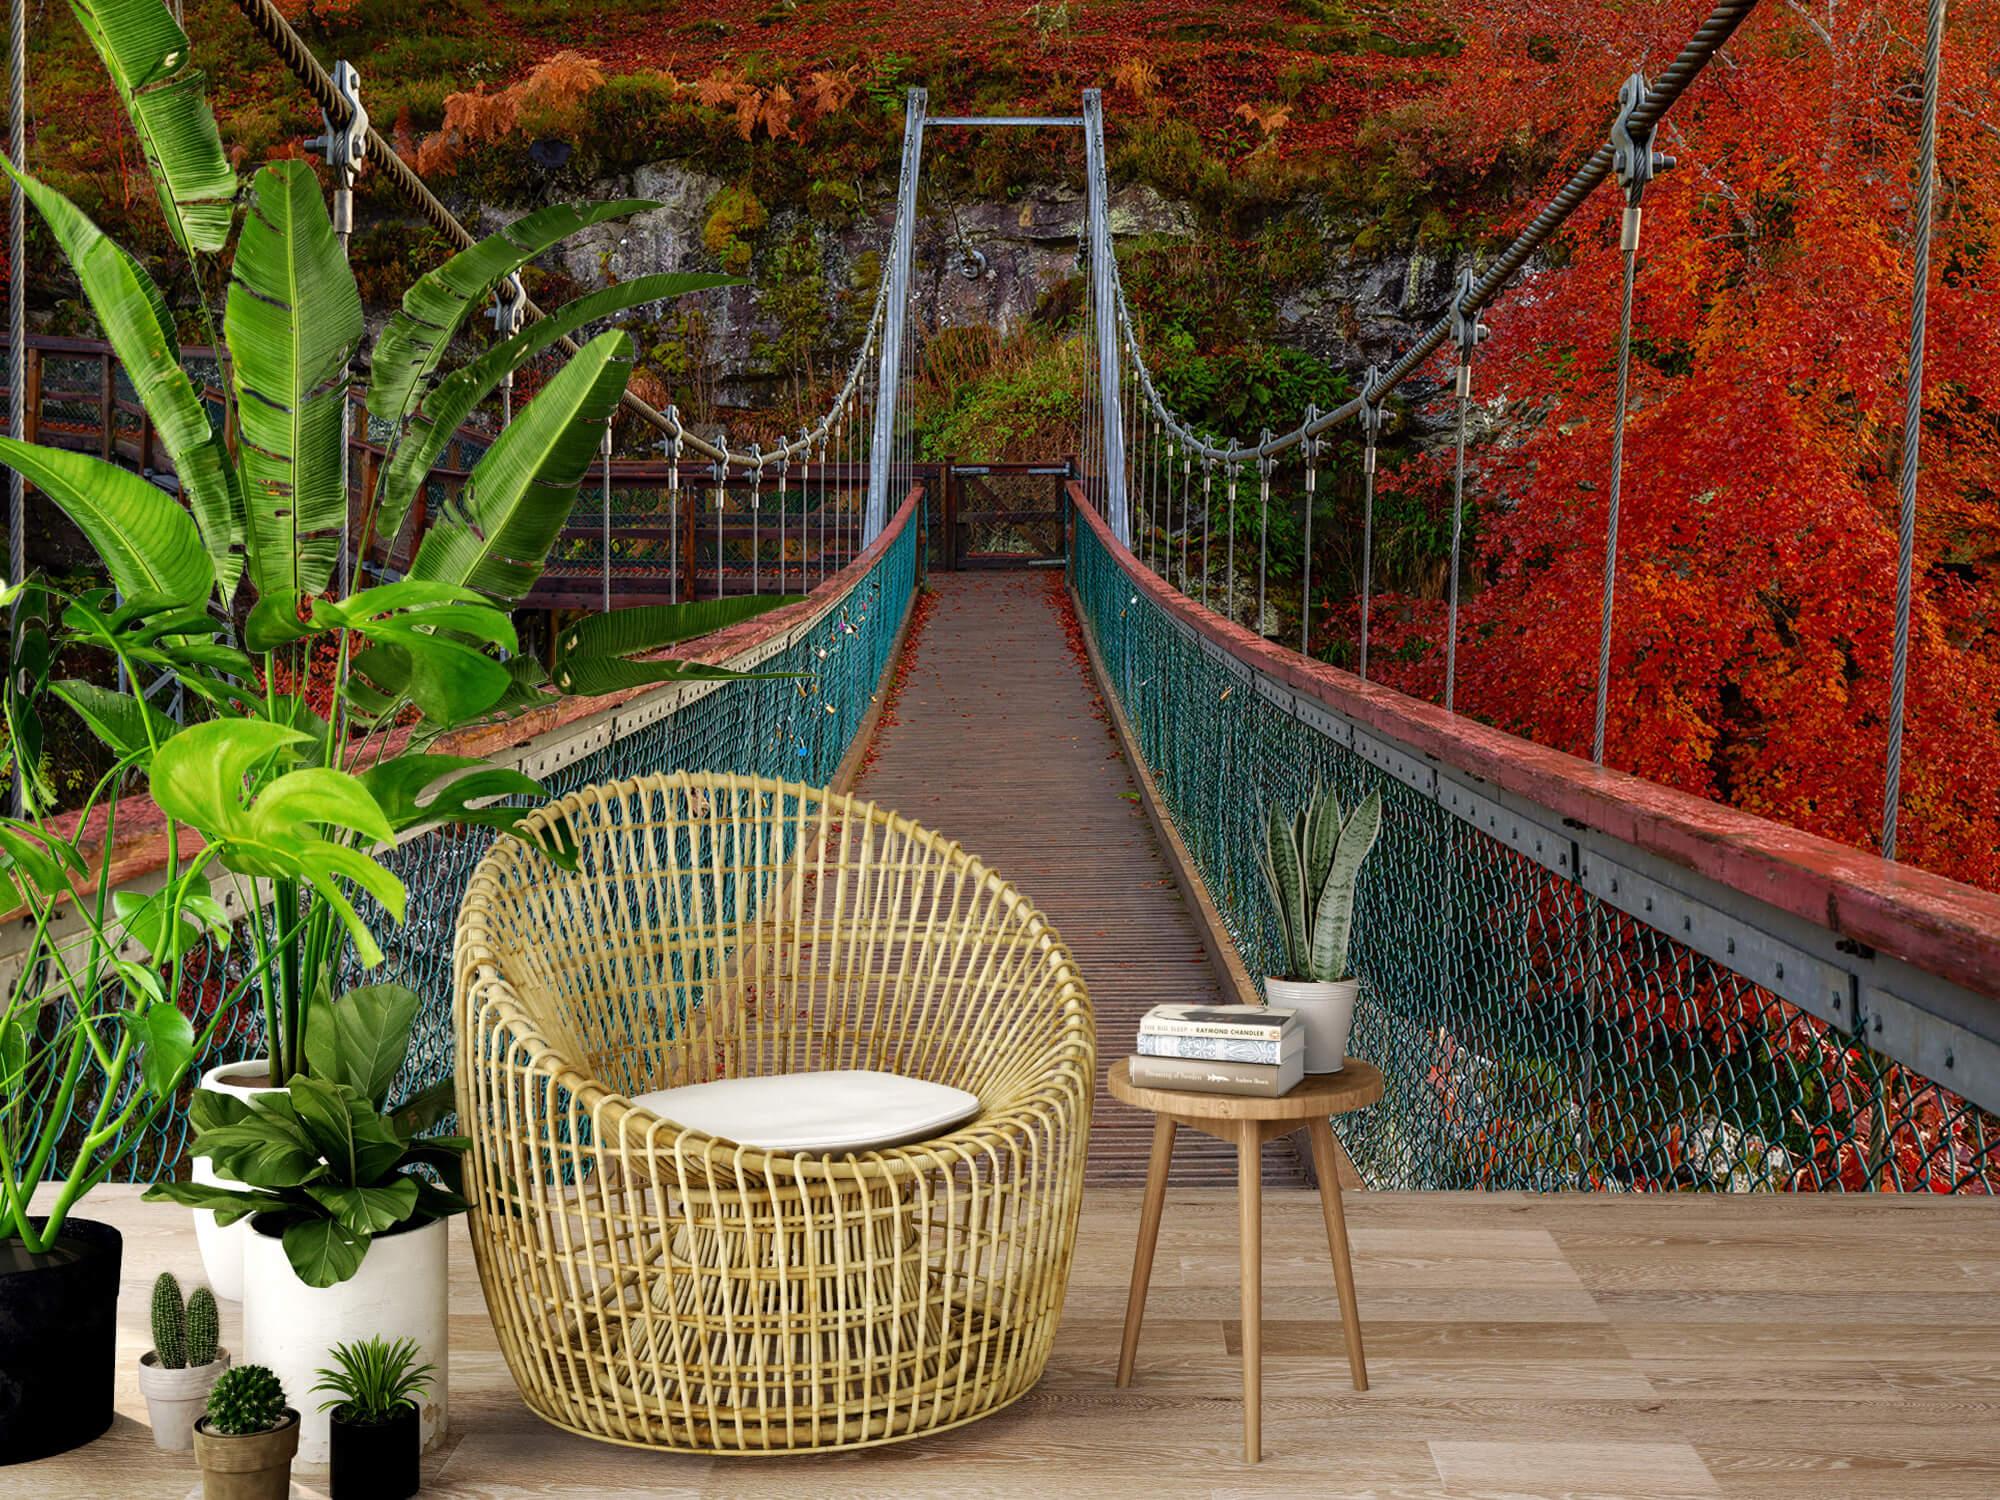 Herfst - Brug in herfstige omgeving - Slaapkamer 3